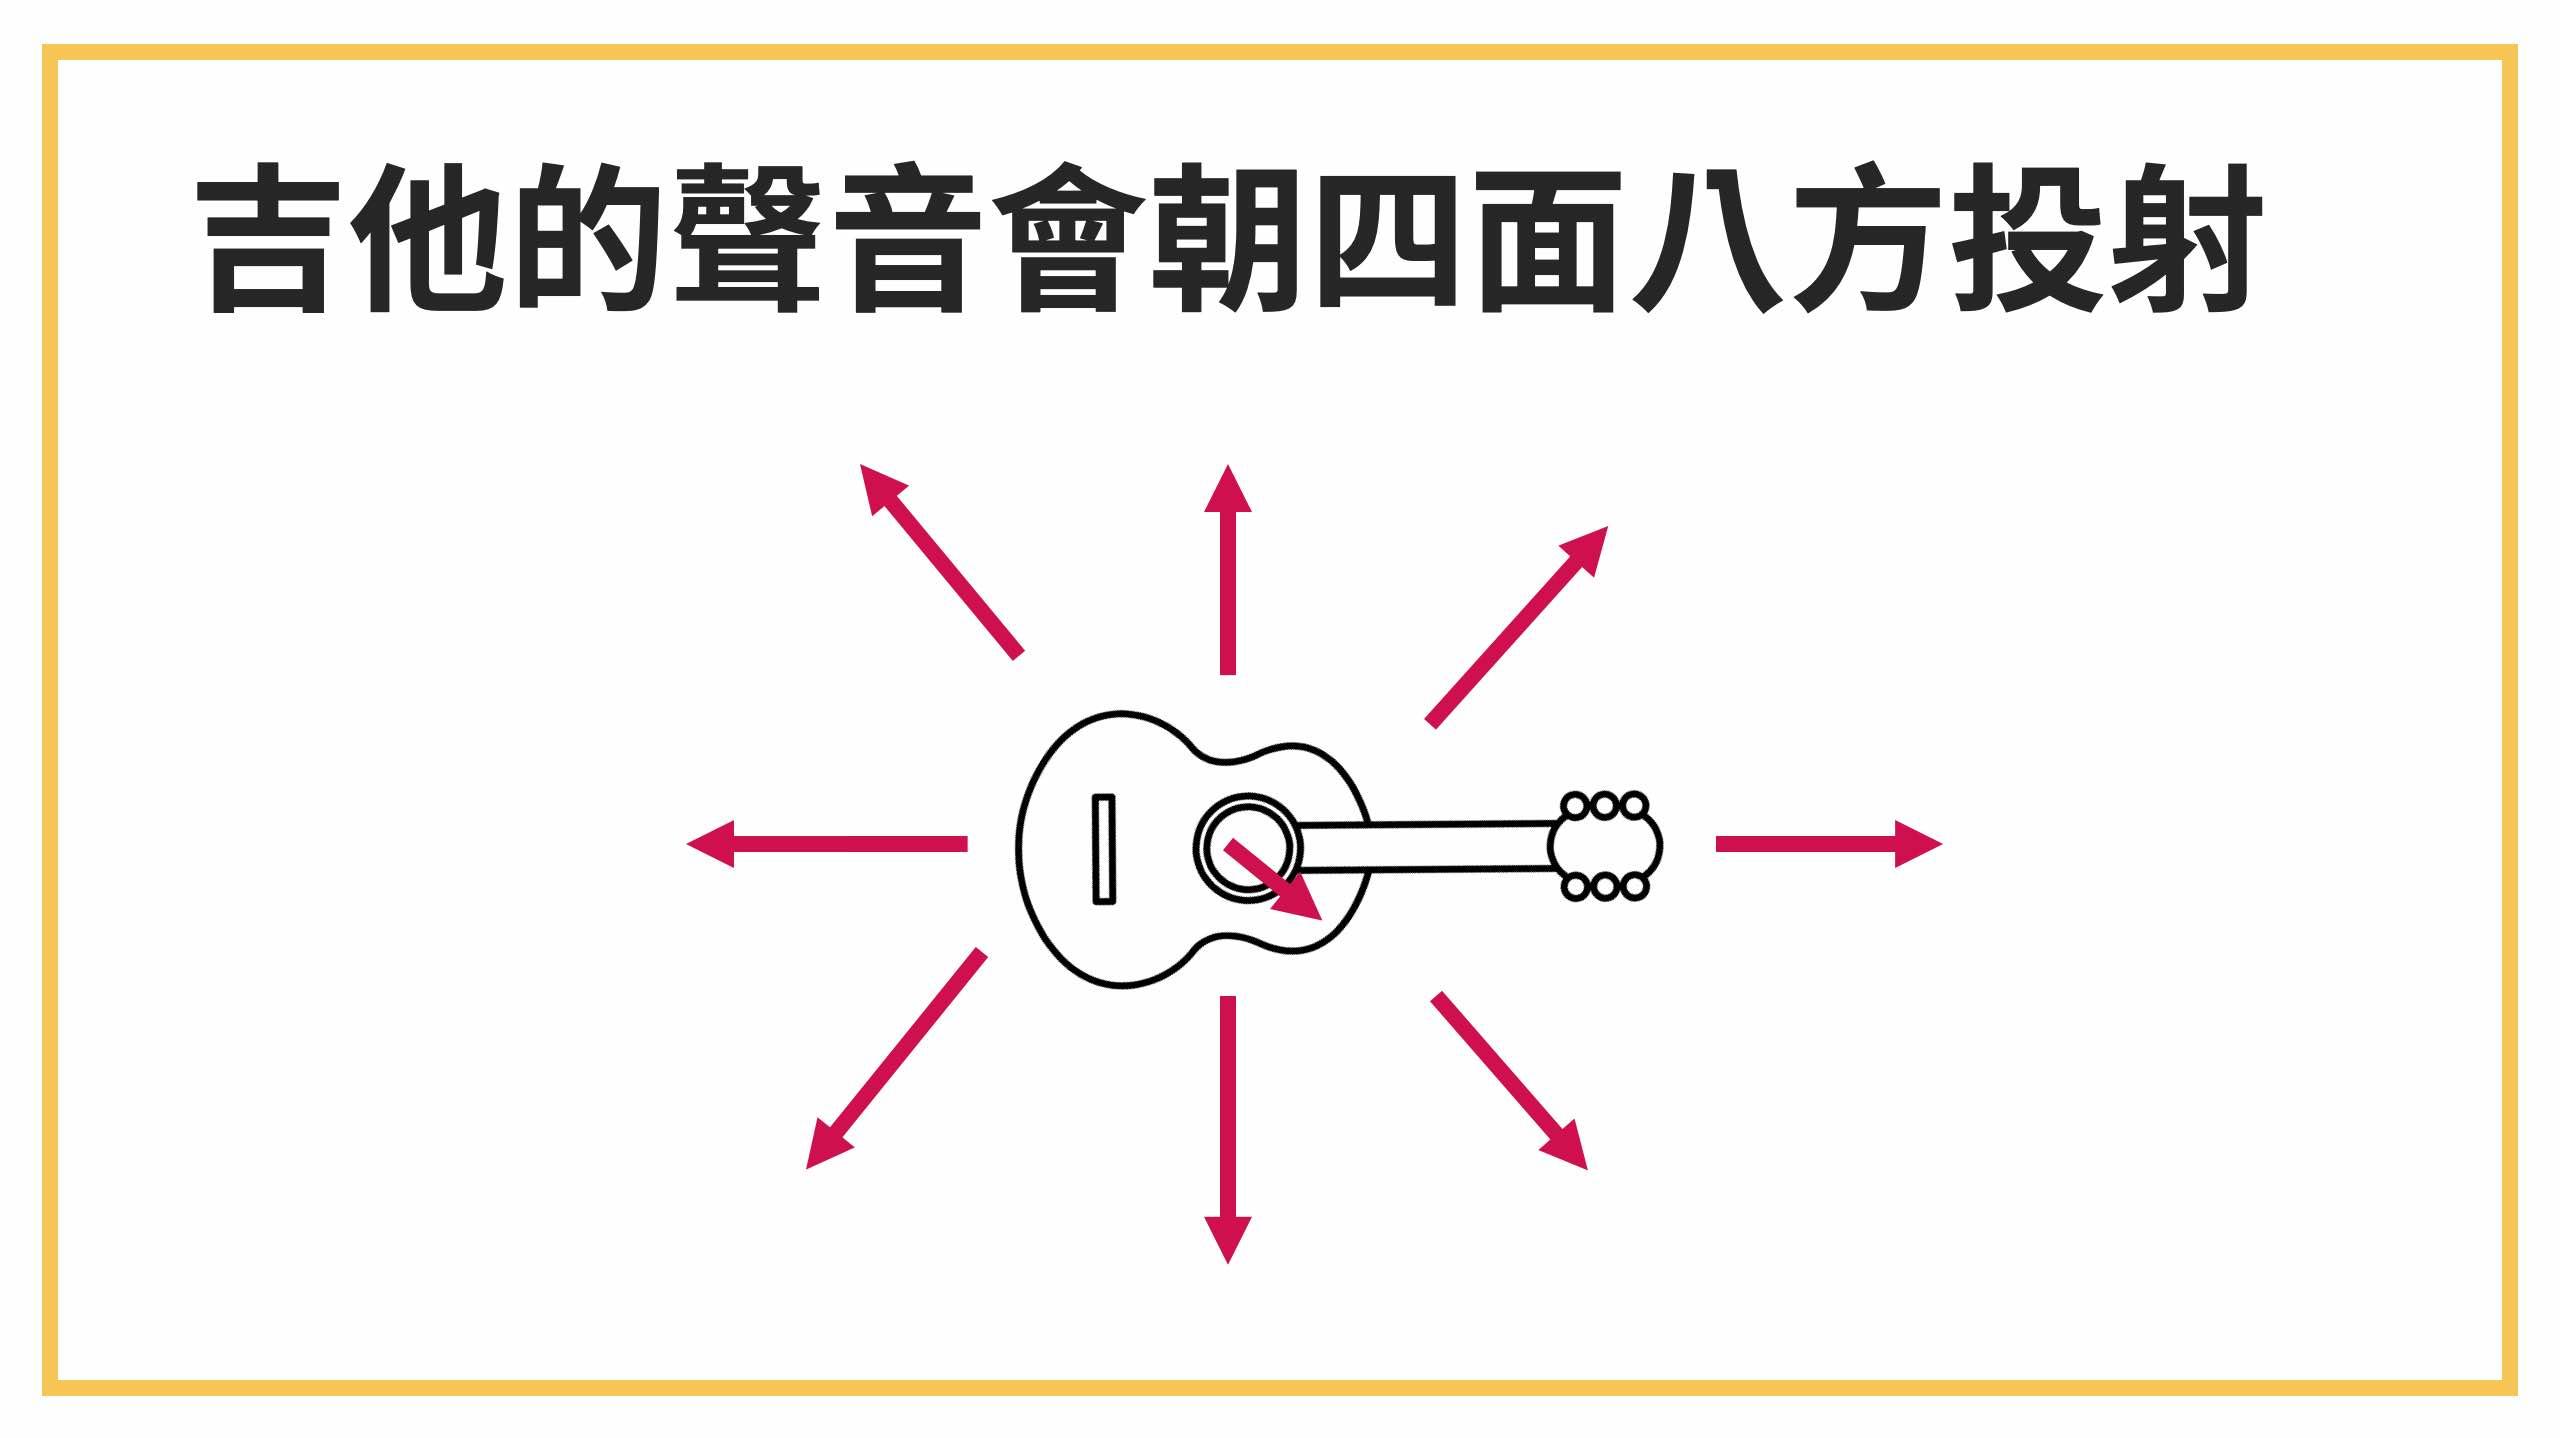 吉他聲學 吉他 木吉他